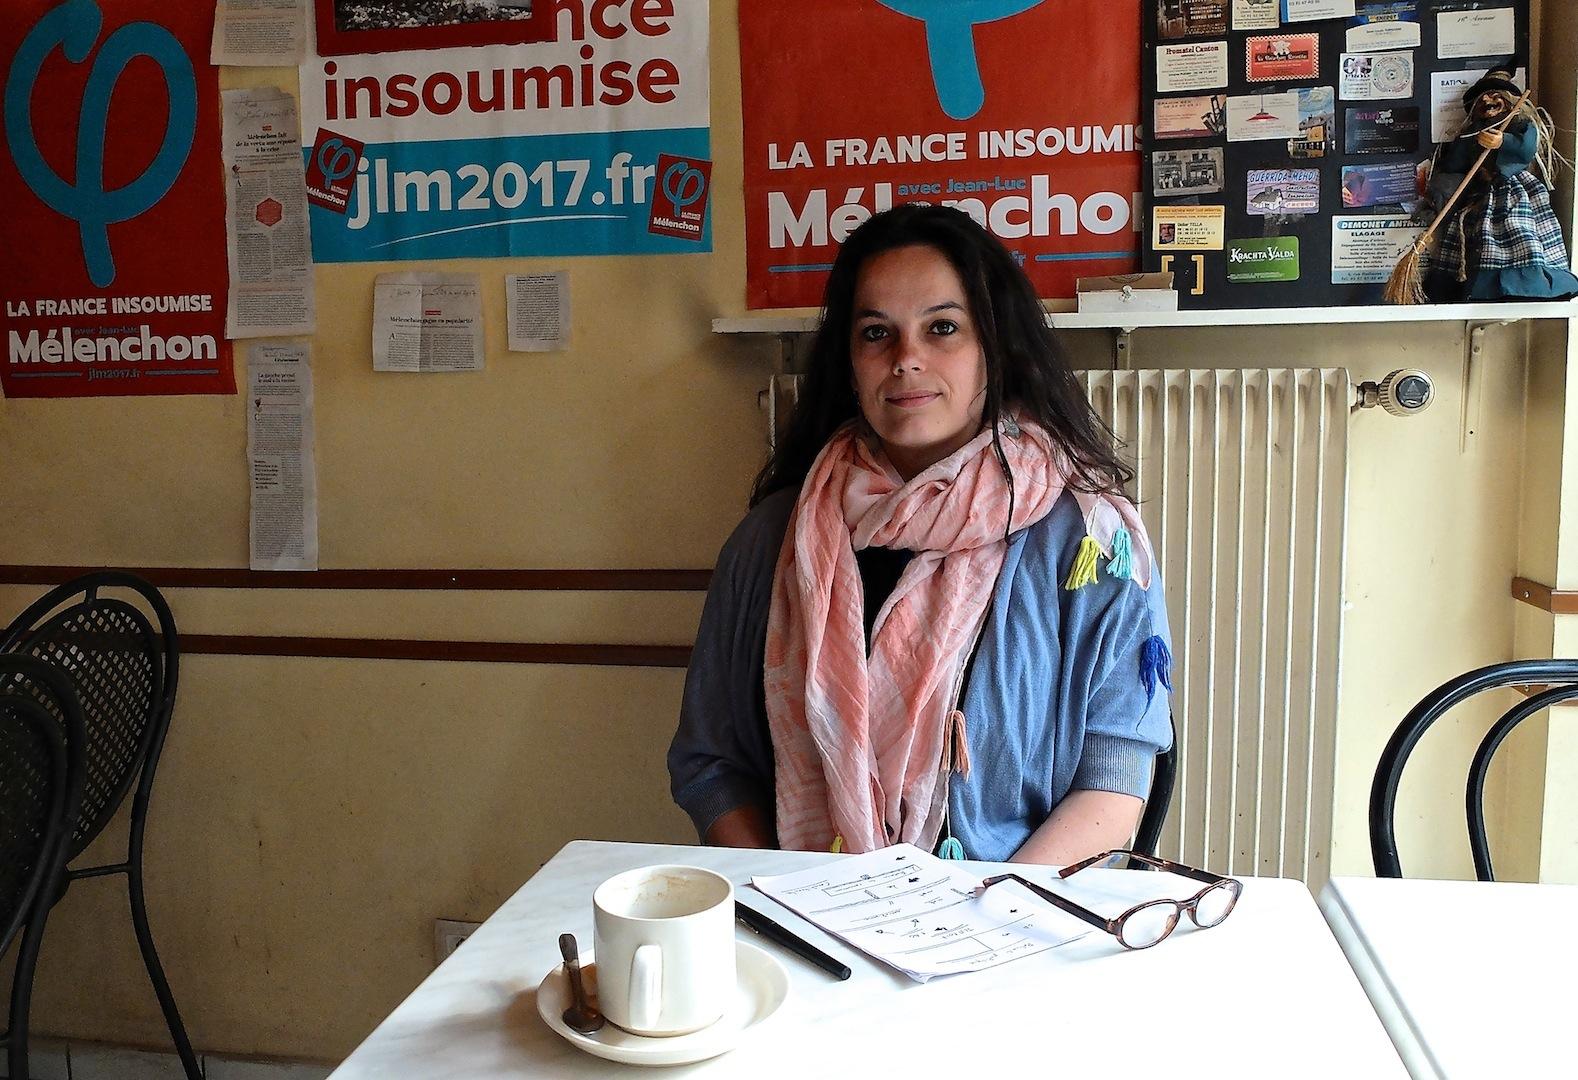 Claire Arnoux, la France insoumise, candidate aux législatives dans le Doubs, à Besançon, photo Daniel Bordur